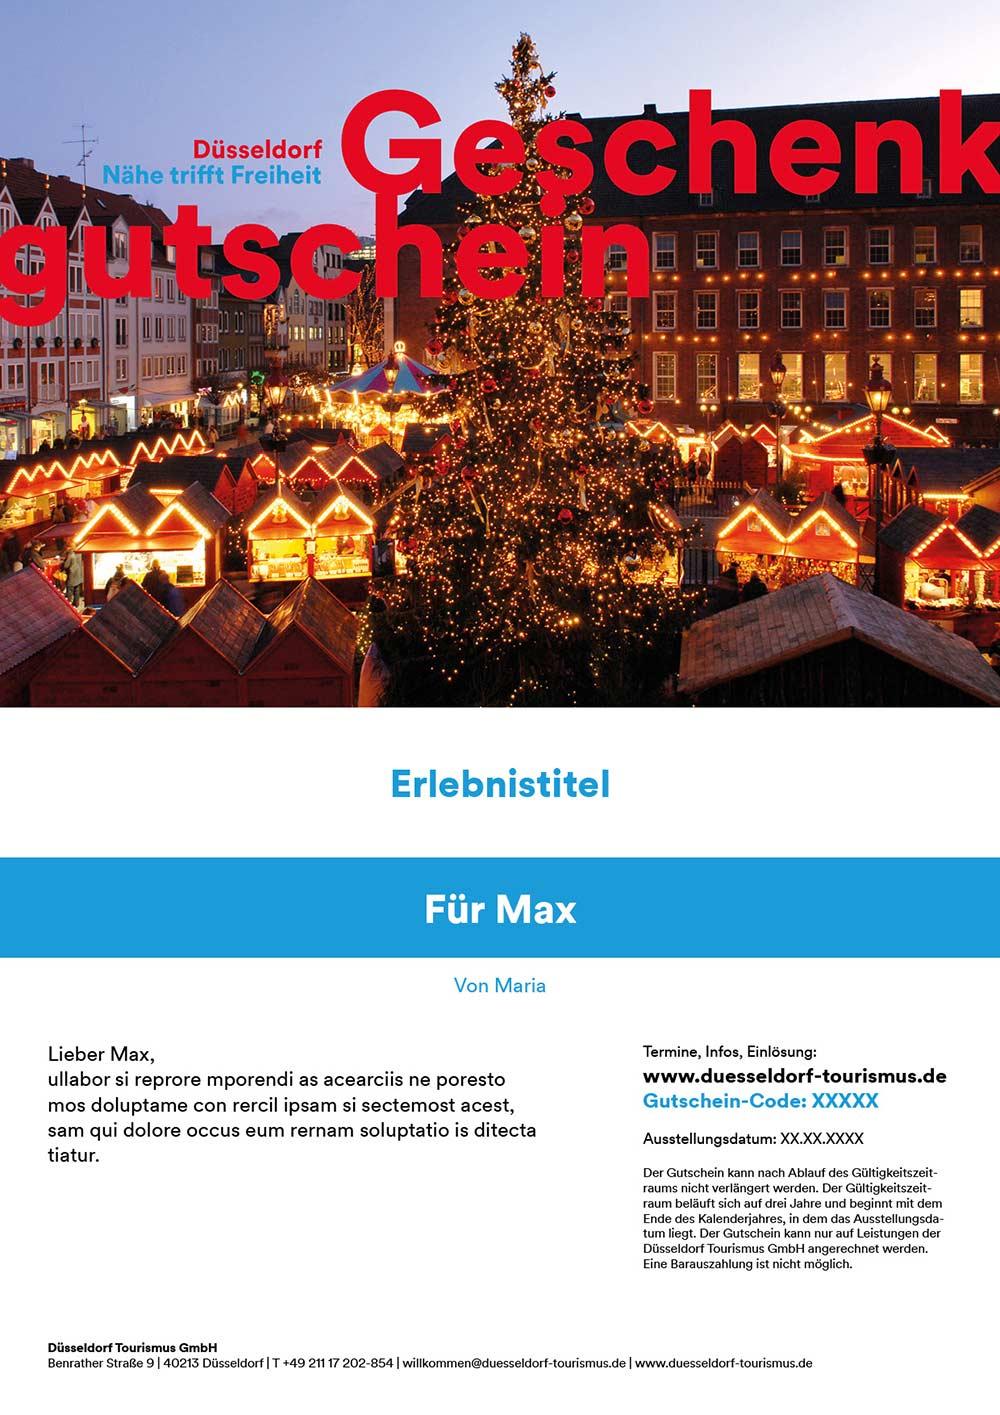 duesseldorf_geschenk-5: Allgemein